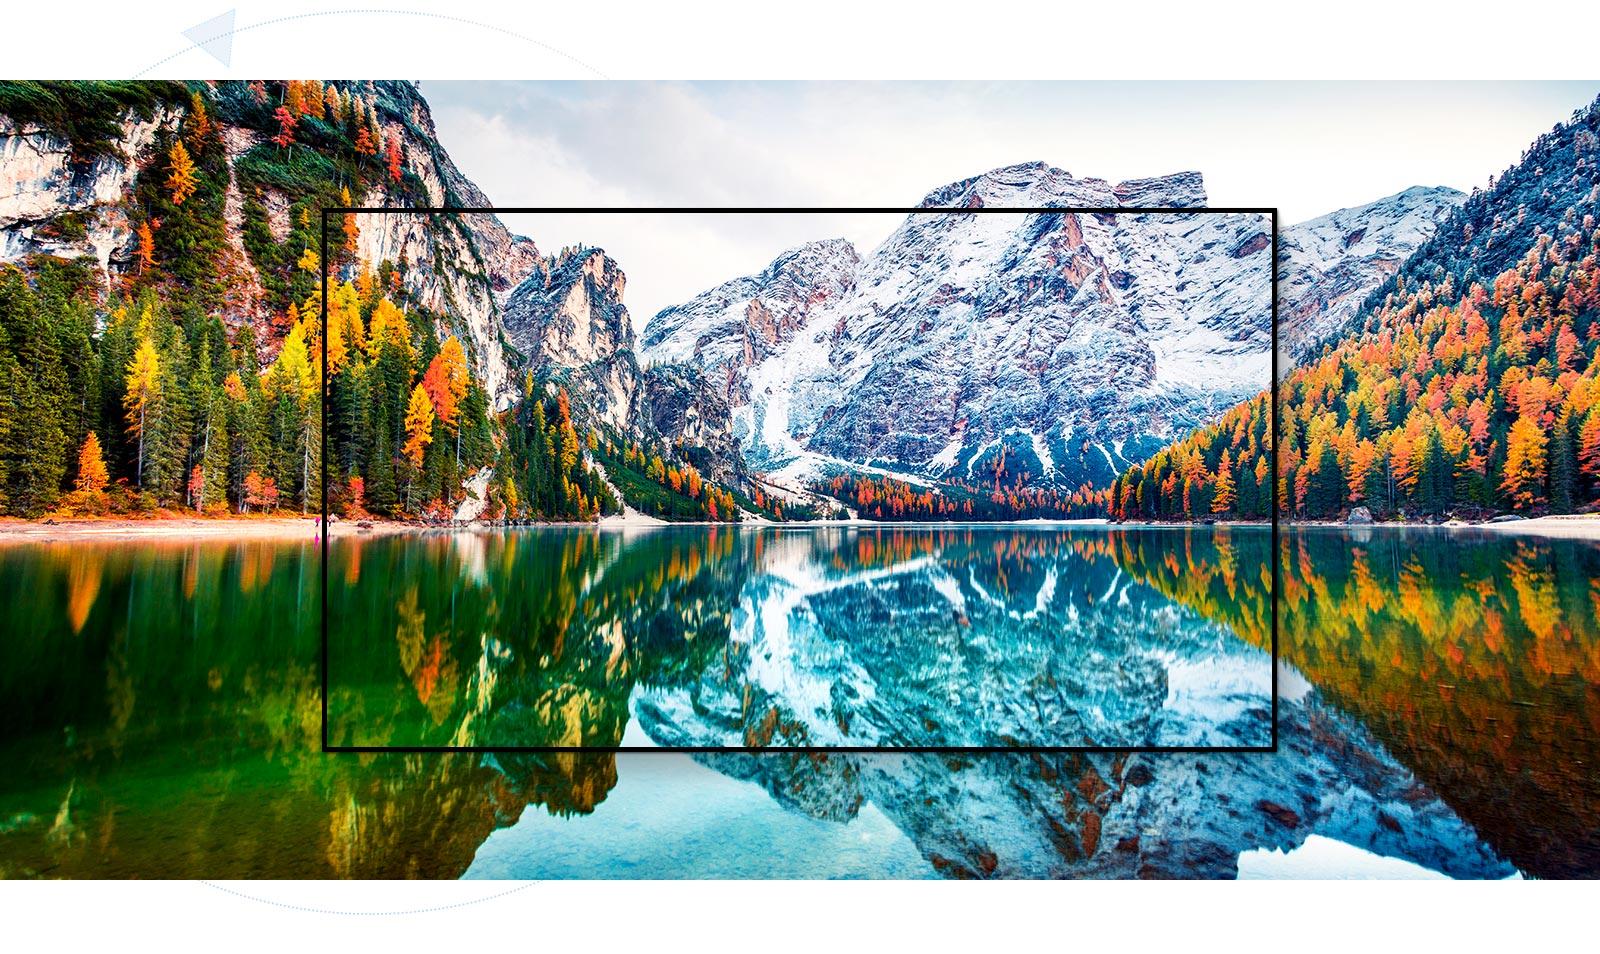 Экран телевизора с приближенным изображением гор и озера (просмотр видео)